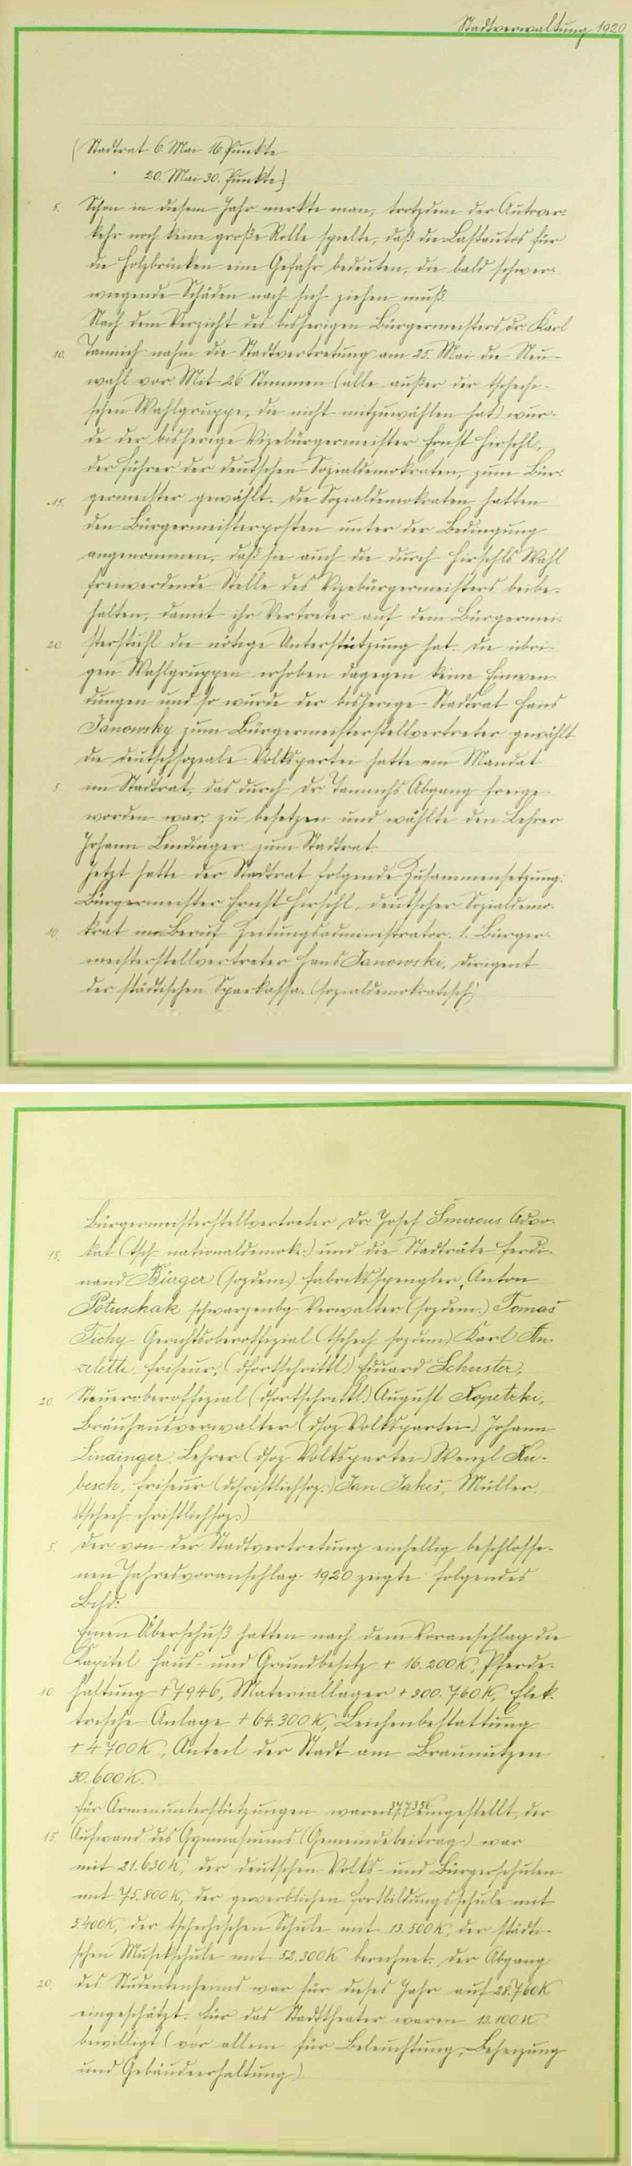 Dvě strany českokrumlovské městské kroniky s informací o Hirschlově zvolení starostou města Český Krumlov v květnu roku 1920